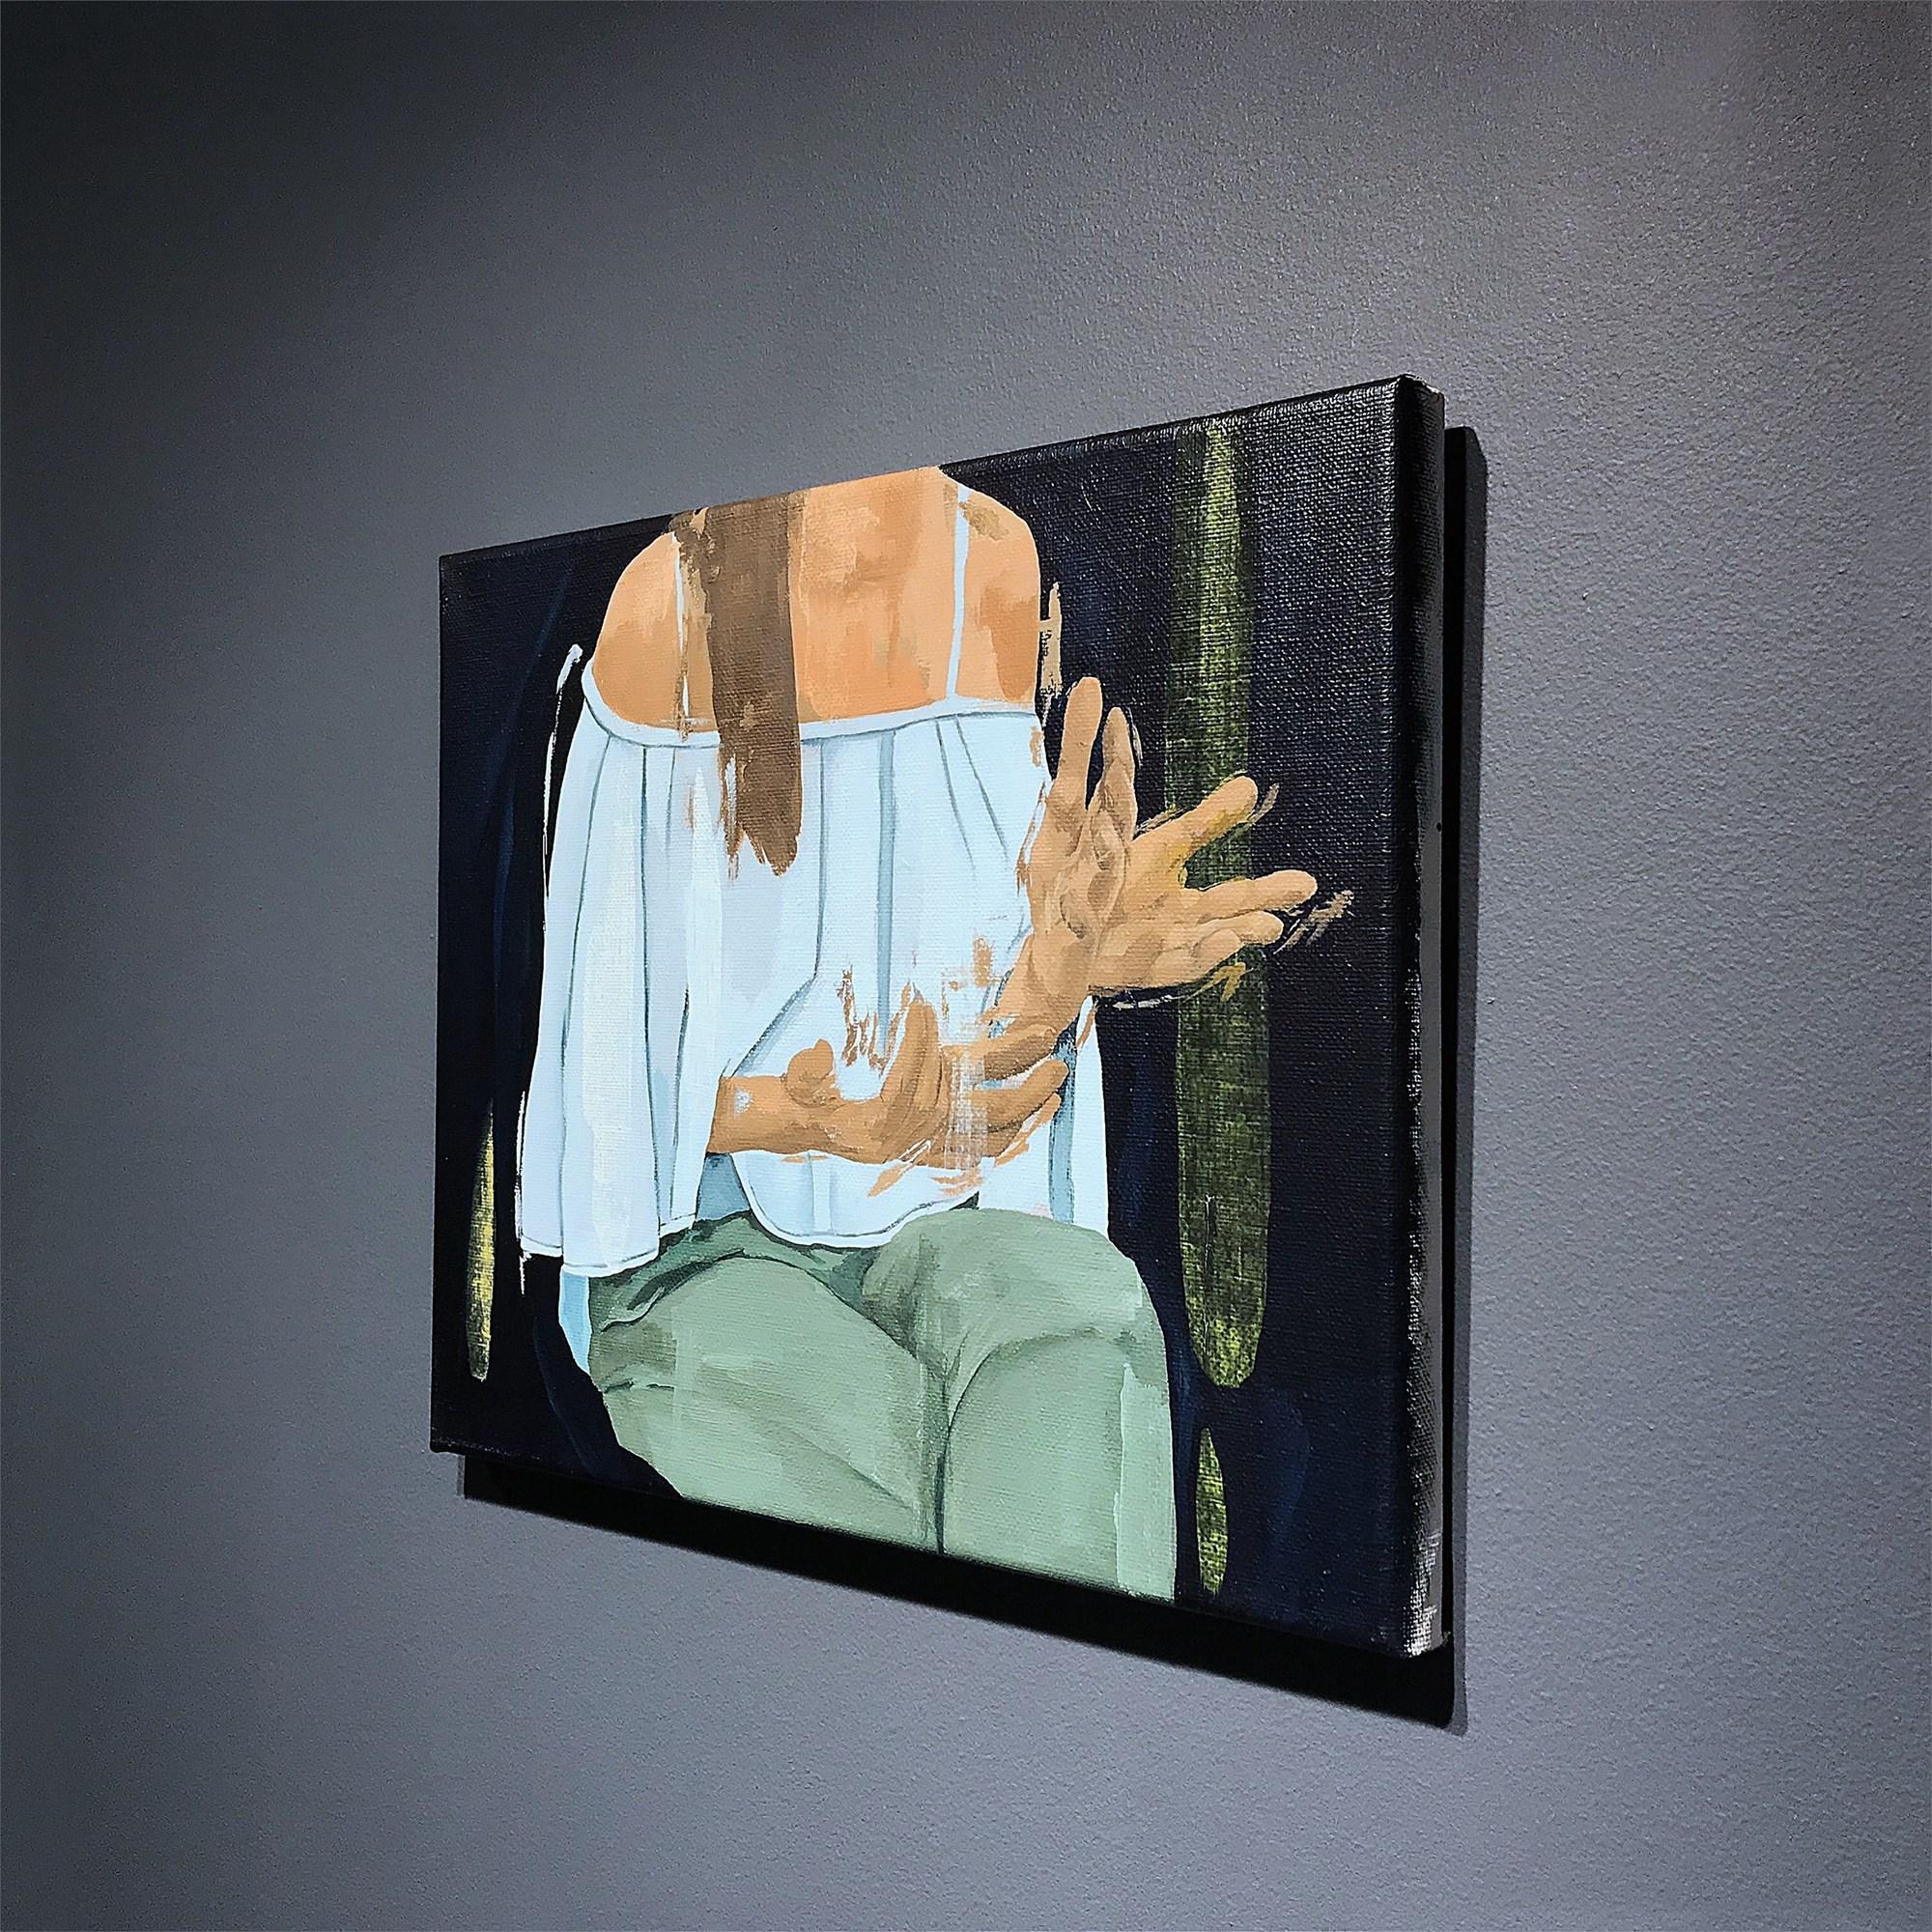 Rita S Hands By Joao Teixeira Original Artwork Collect Art Online With Zet Gallery